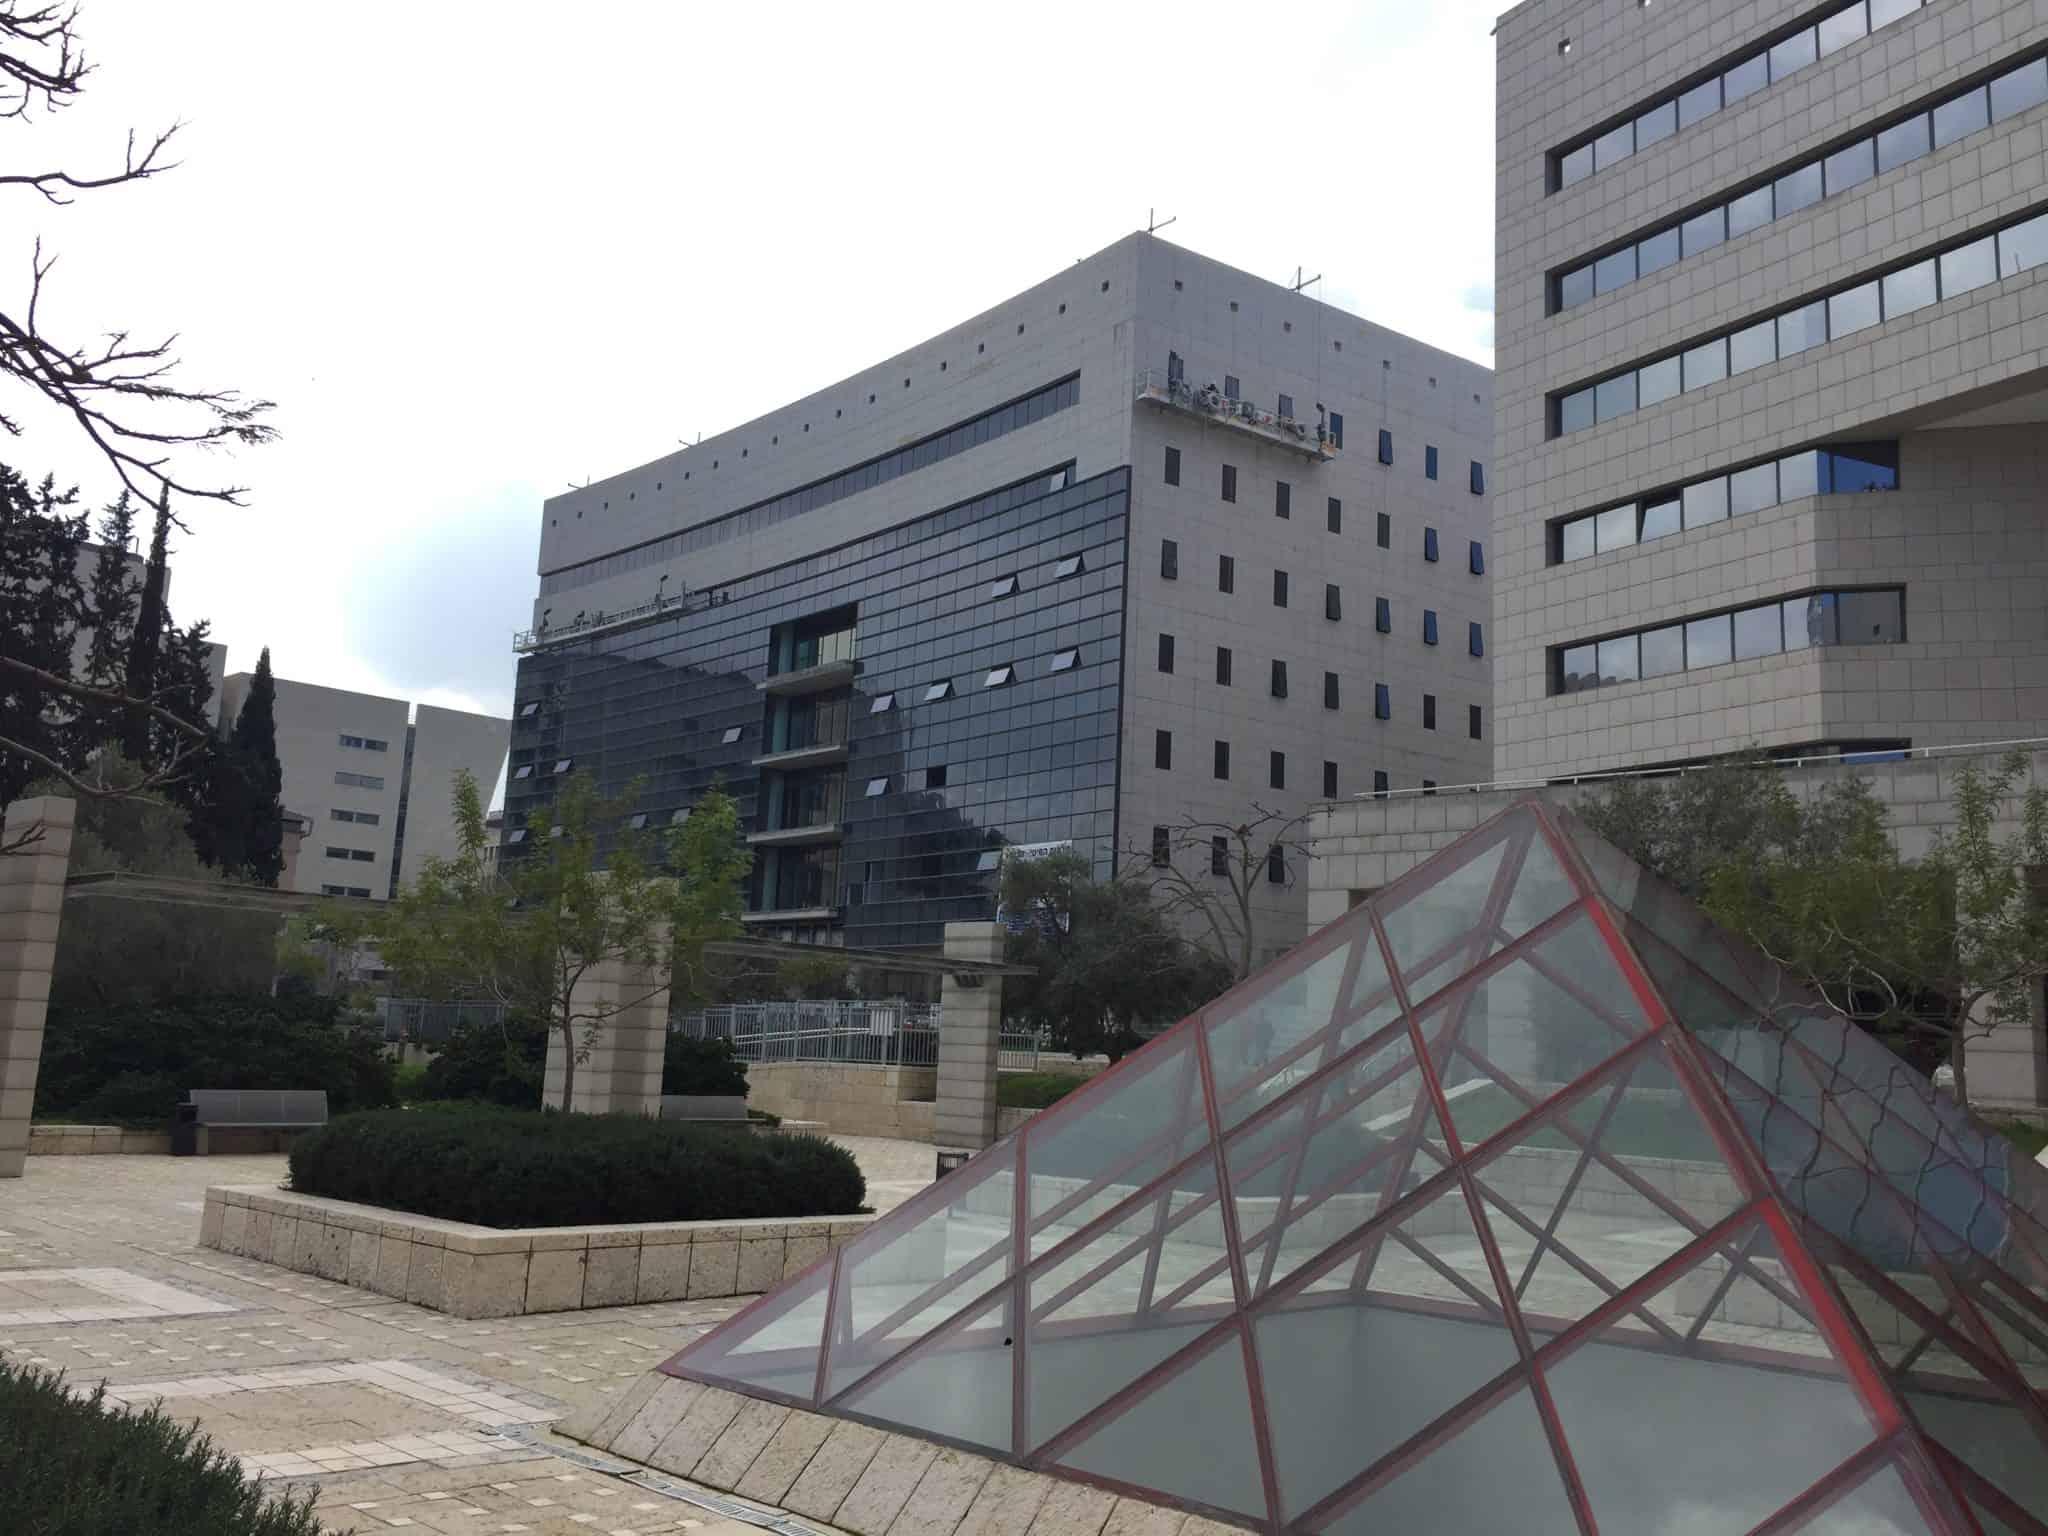 """חברות הנדל""""ן """"מנו סיטי"""" ו""""במבוק נכסים"""" בבעלות משה מנו רכשו למעלה ממחצית ממגדל משרדים יוקרתי בחיפה"""